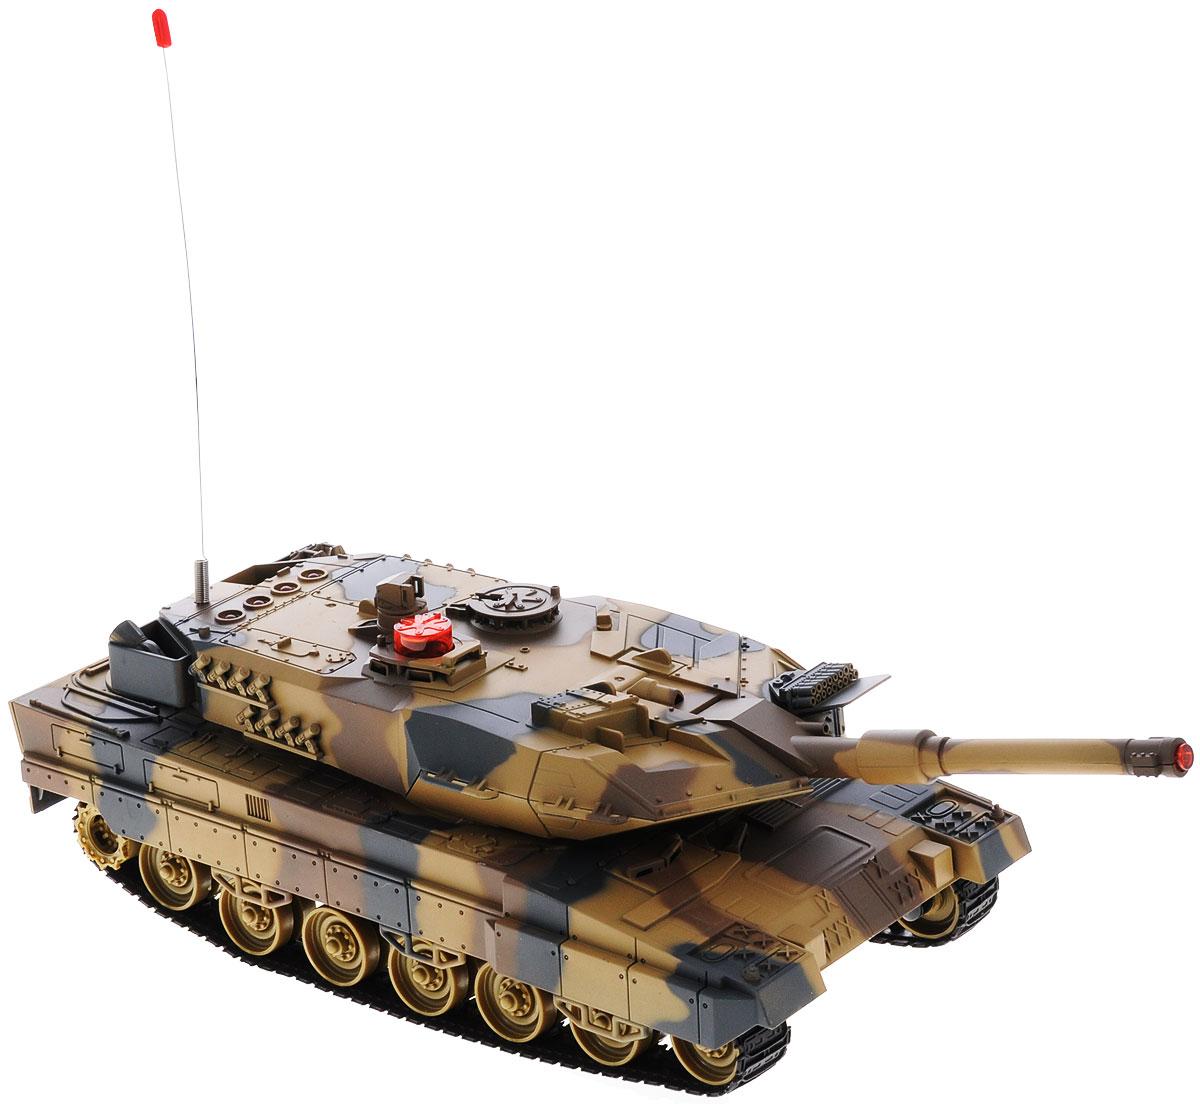 ABtoys Танк на радиоуправлении C-00030C-00030(516-10)Радиоуправляемая модель ABtoys Боевой танк - отличный подарок не только ребенку, но и взрослому, увлекающемуся военной техникой. Танк изготовлен из прочного пластика, оснащен светодиодами, загорающимися во время вращения башни. Игрушка выполнена с вниманием к деталям. Танк передвигается при помощи скрытых колесиков, что позволяет создать иллюзию гусеничного хода. Танк имеет высокую скорость движения. Ствол танка поднимается и опускается, башня поворачивается. При помощи пульта управления танк может двигаться вперед, назад, поворачивать влево и вправо на 360°. Танк оснащен звуковыми эффектами: во время сражения раздаются реалистичные звуки выстрелов, звук движущейся машины и шум поворота пушки. На башне танка имеется световой индикатор жизней - вы можете устроить настоящее танковое сражение, при помощи инфракрасного наведения целясь в башню вражеского танка. Радиус стрельбы составляет 3 м. Радиоуправляемая модель подарит массу удовольствия и детям, и...